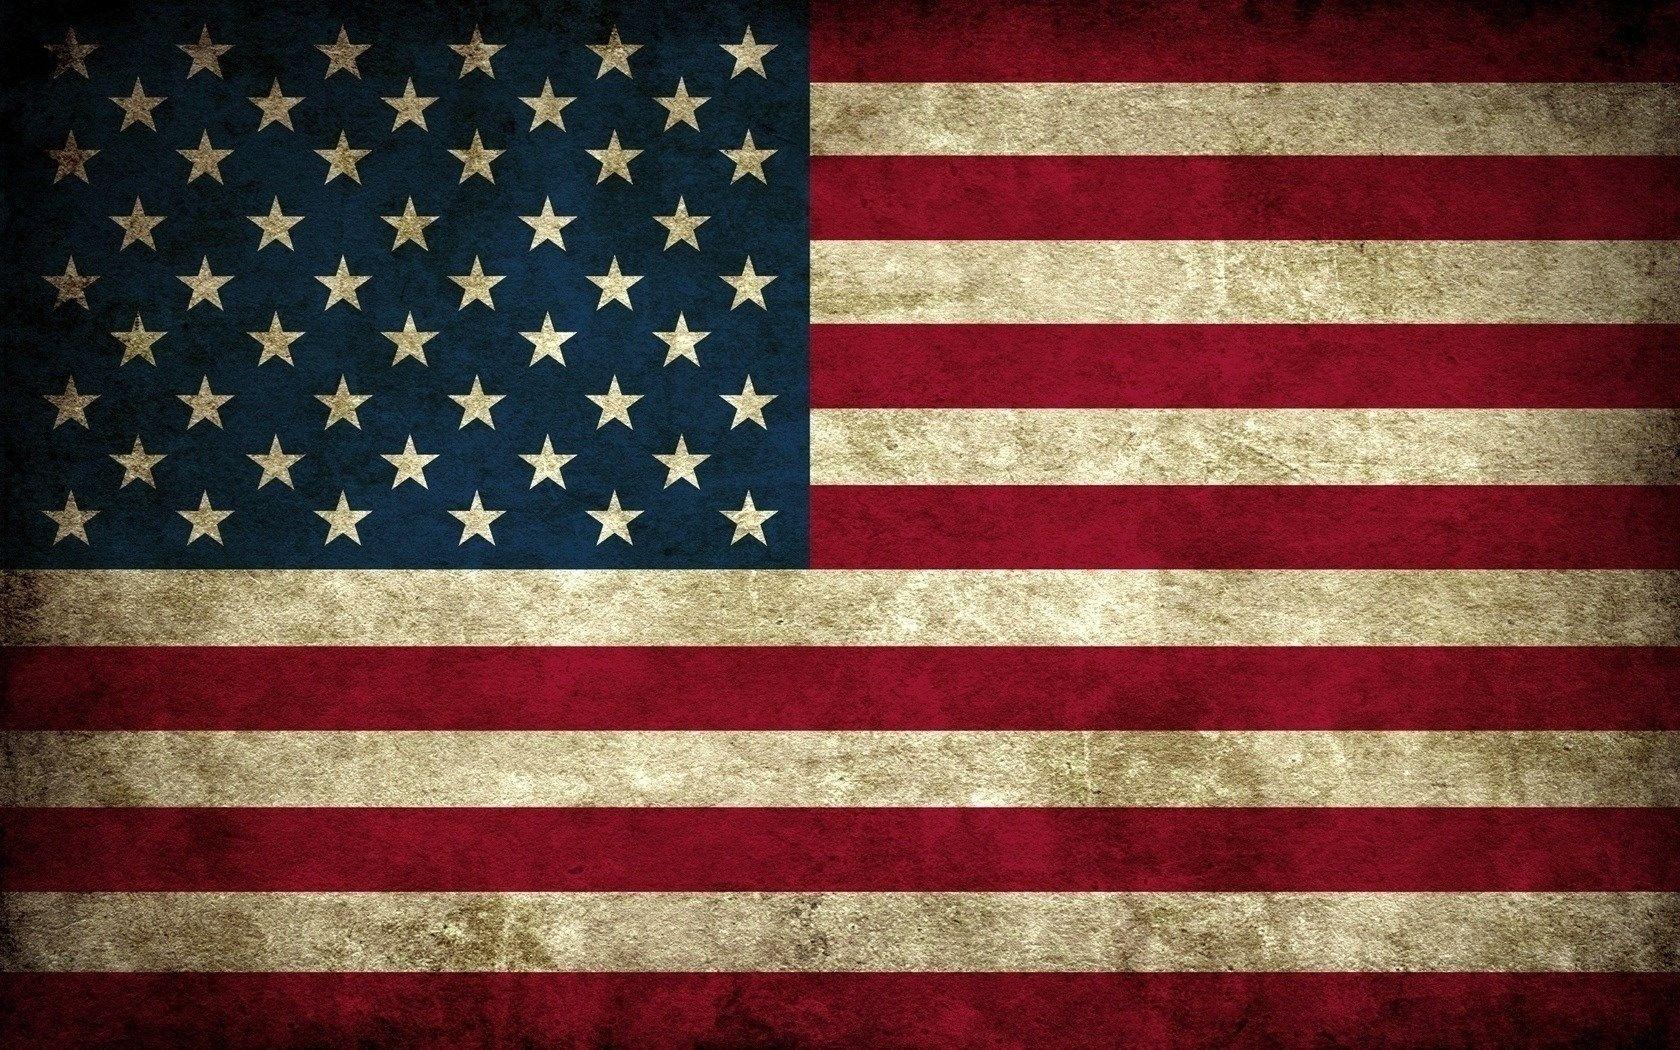 1680x1050 Wallpaper Desktop American Flag American Flag Wallpaper Flag American Flag